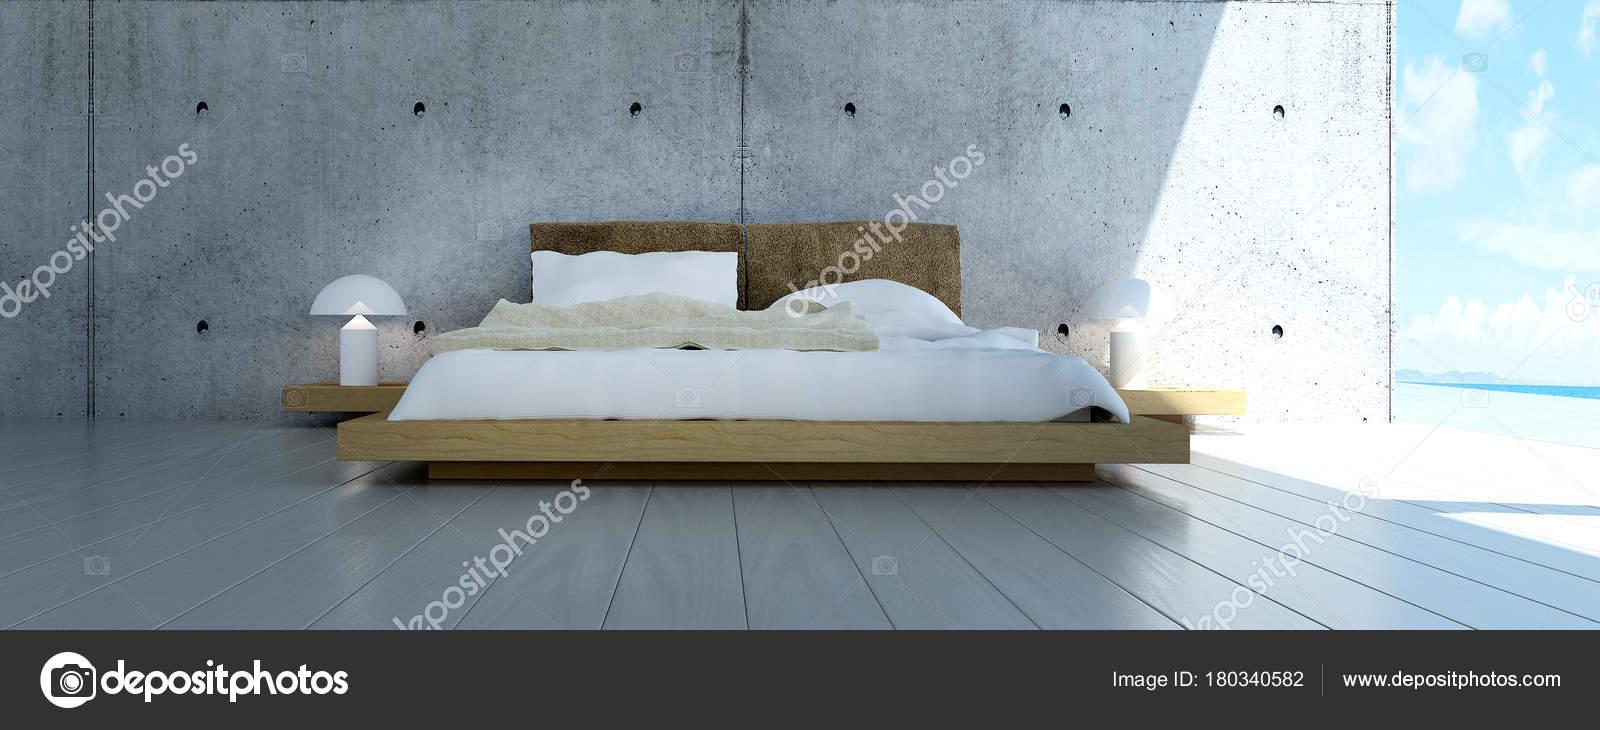 Concept Idée Décoration Chambre Coucher Moderne Fond Mur Béton ...